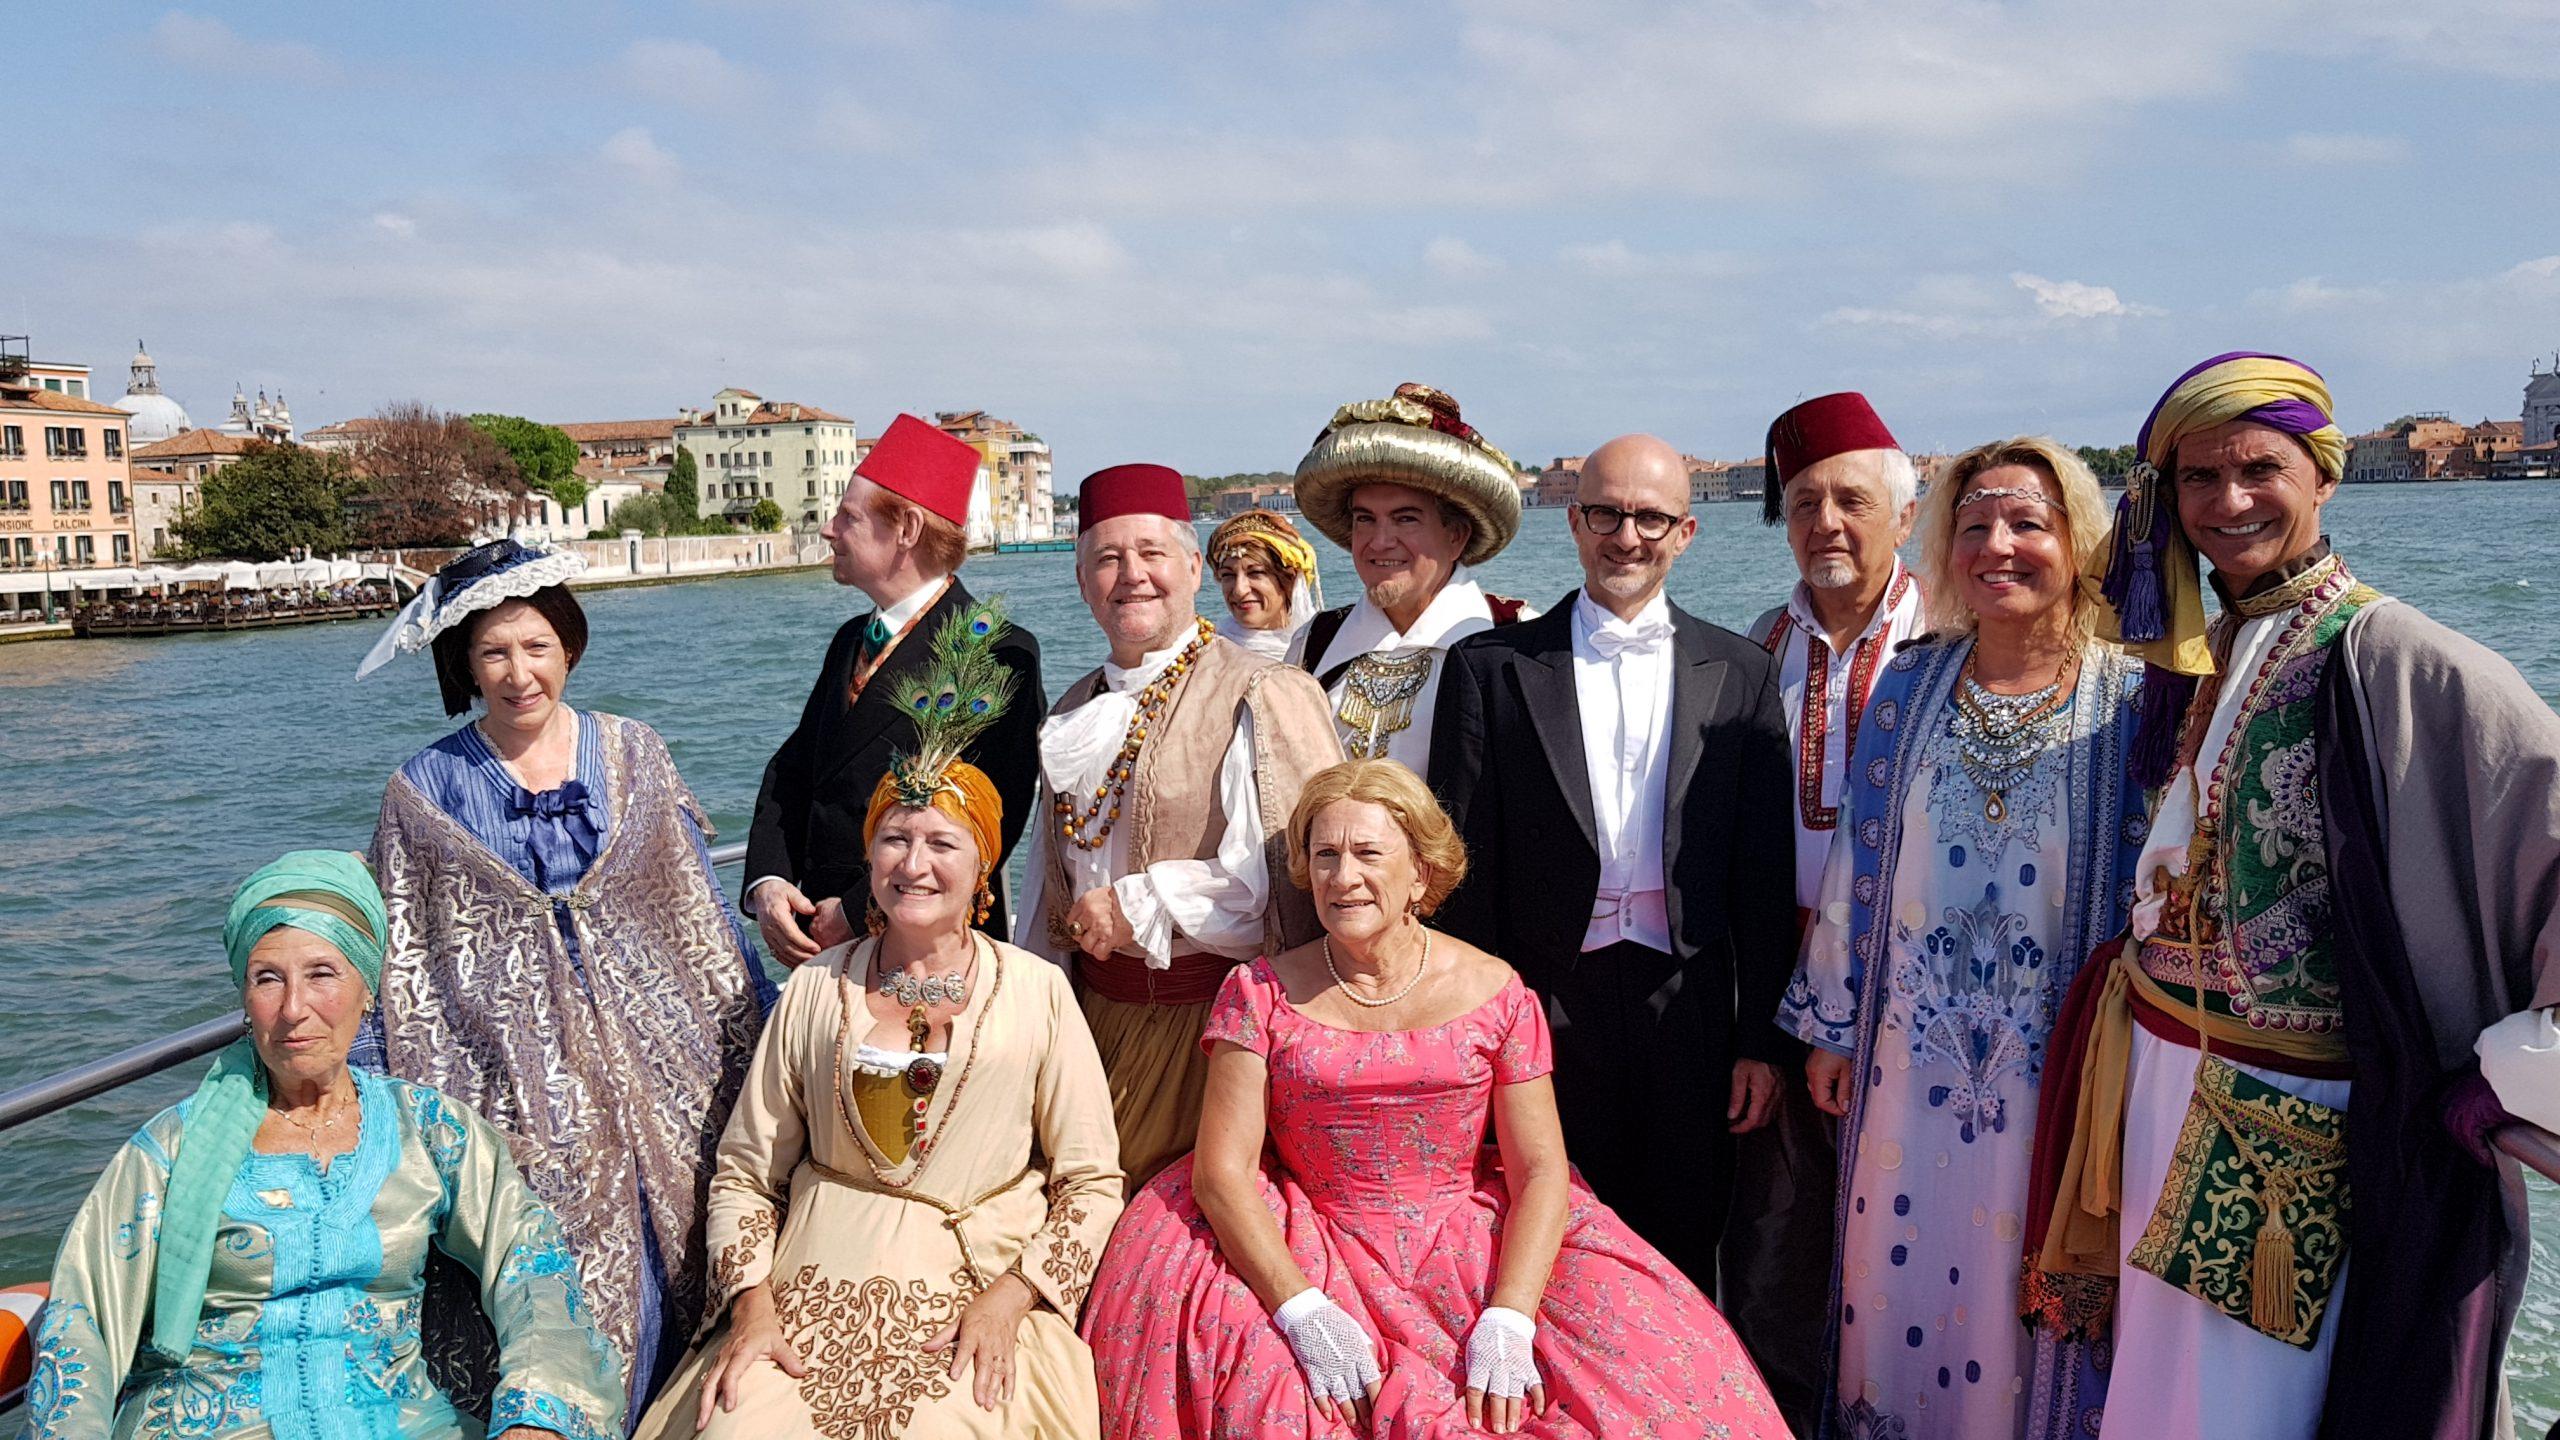 Bal Ottoman et Régates historiques à Venise, 2 septembre 2017